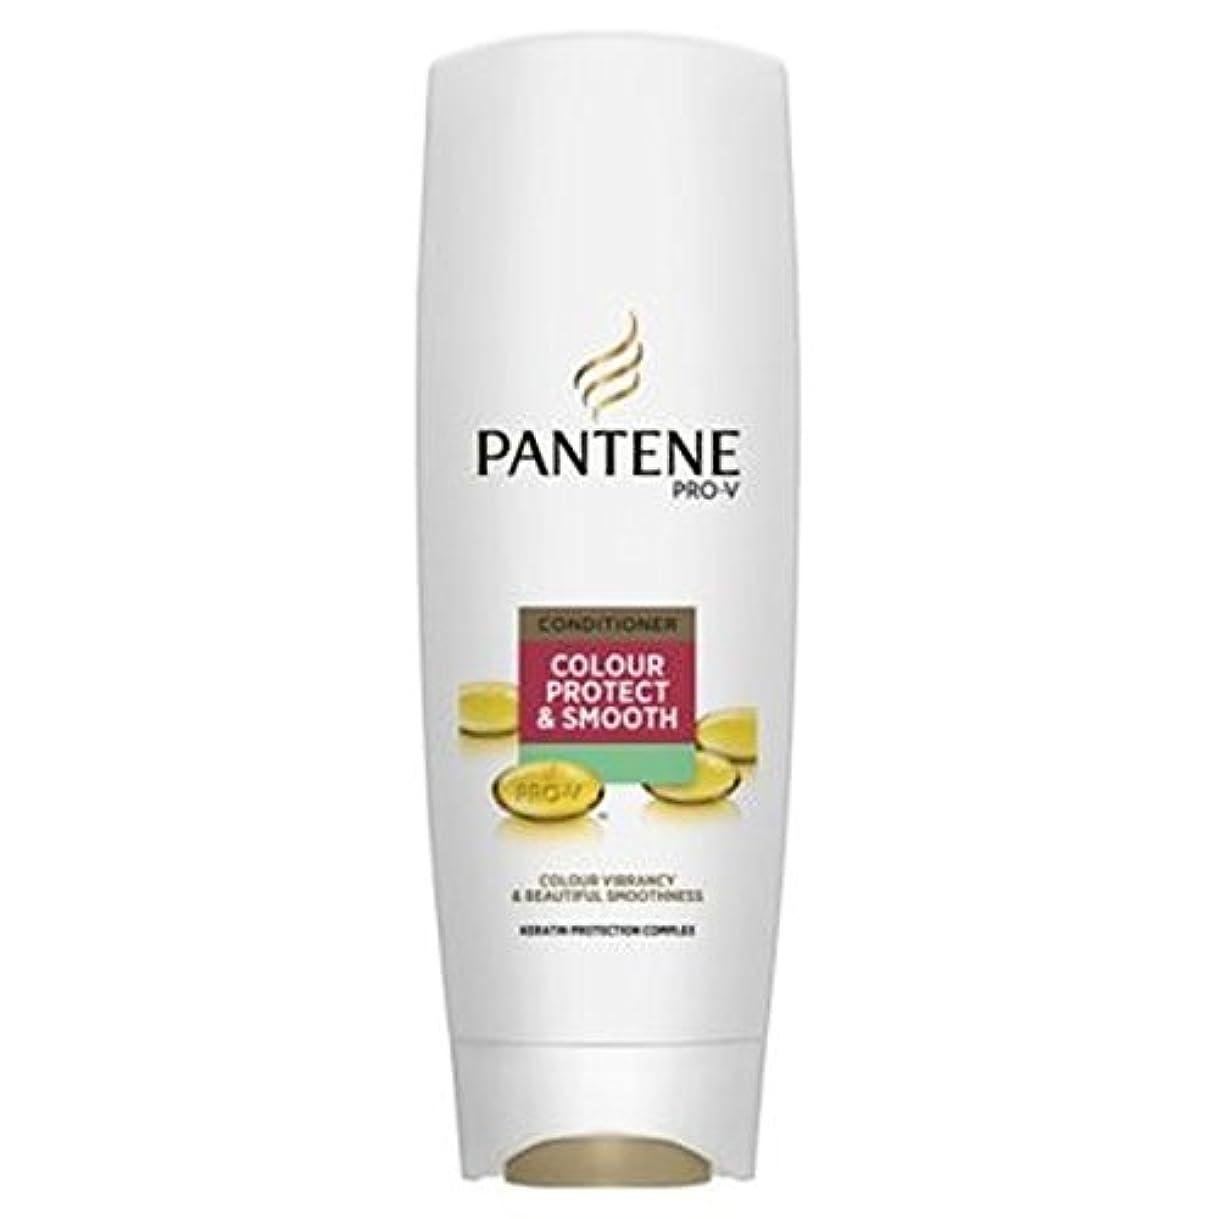 ジョージエリオットラップトップから聞くパンテーンプロVの色保護&スムーズコンディショナー360ミリリットル (Pantene) (x2) - Pantene Pro-V Colour Protect & Smooth Conditioner 360ml (Pack...